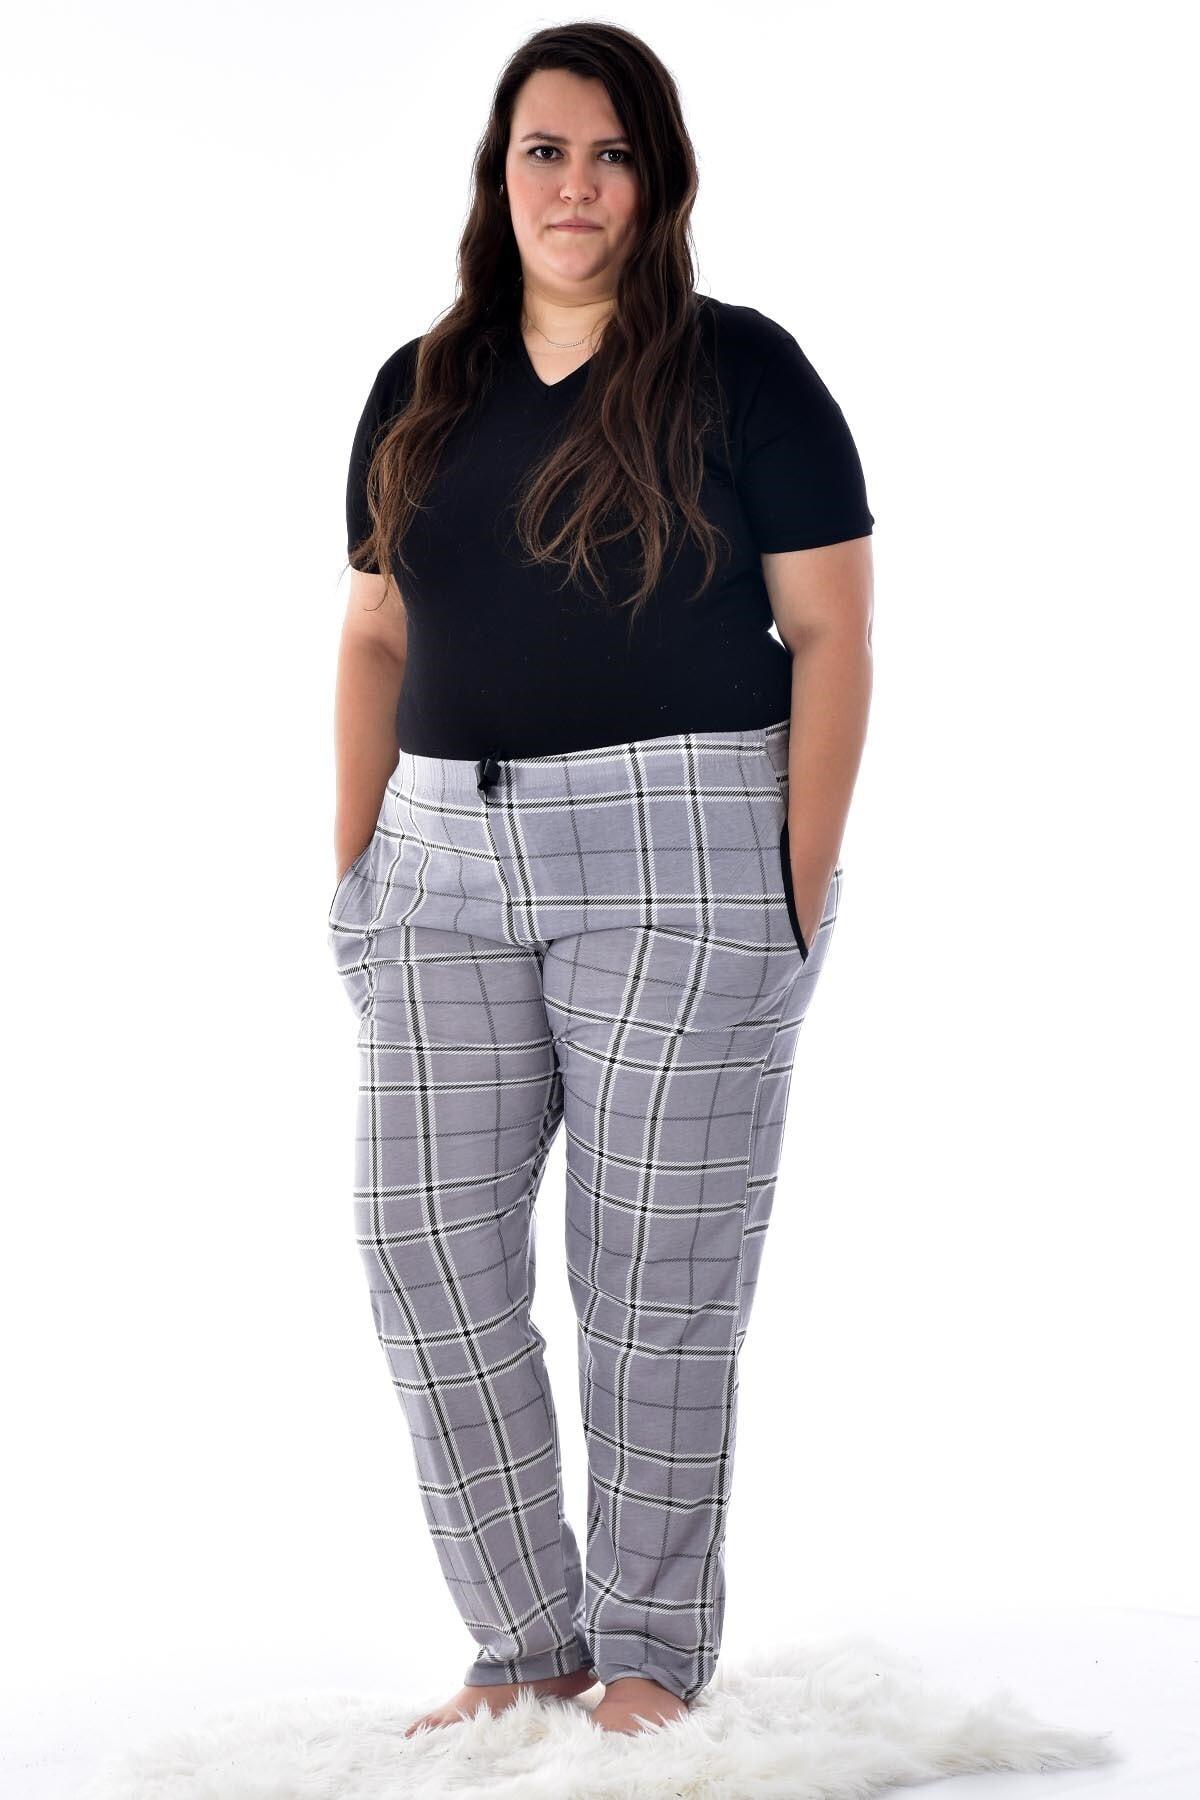 Pijamoni Kadın Gri 424-12 Büyük Beden Desenli Cepli Tek Pijama Altı 1